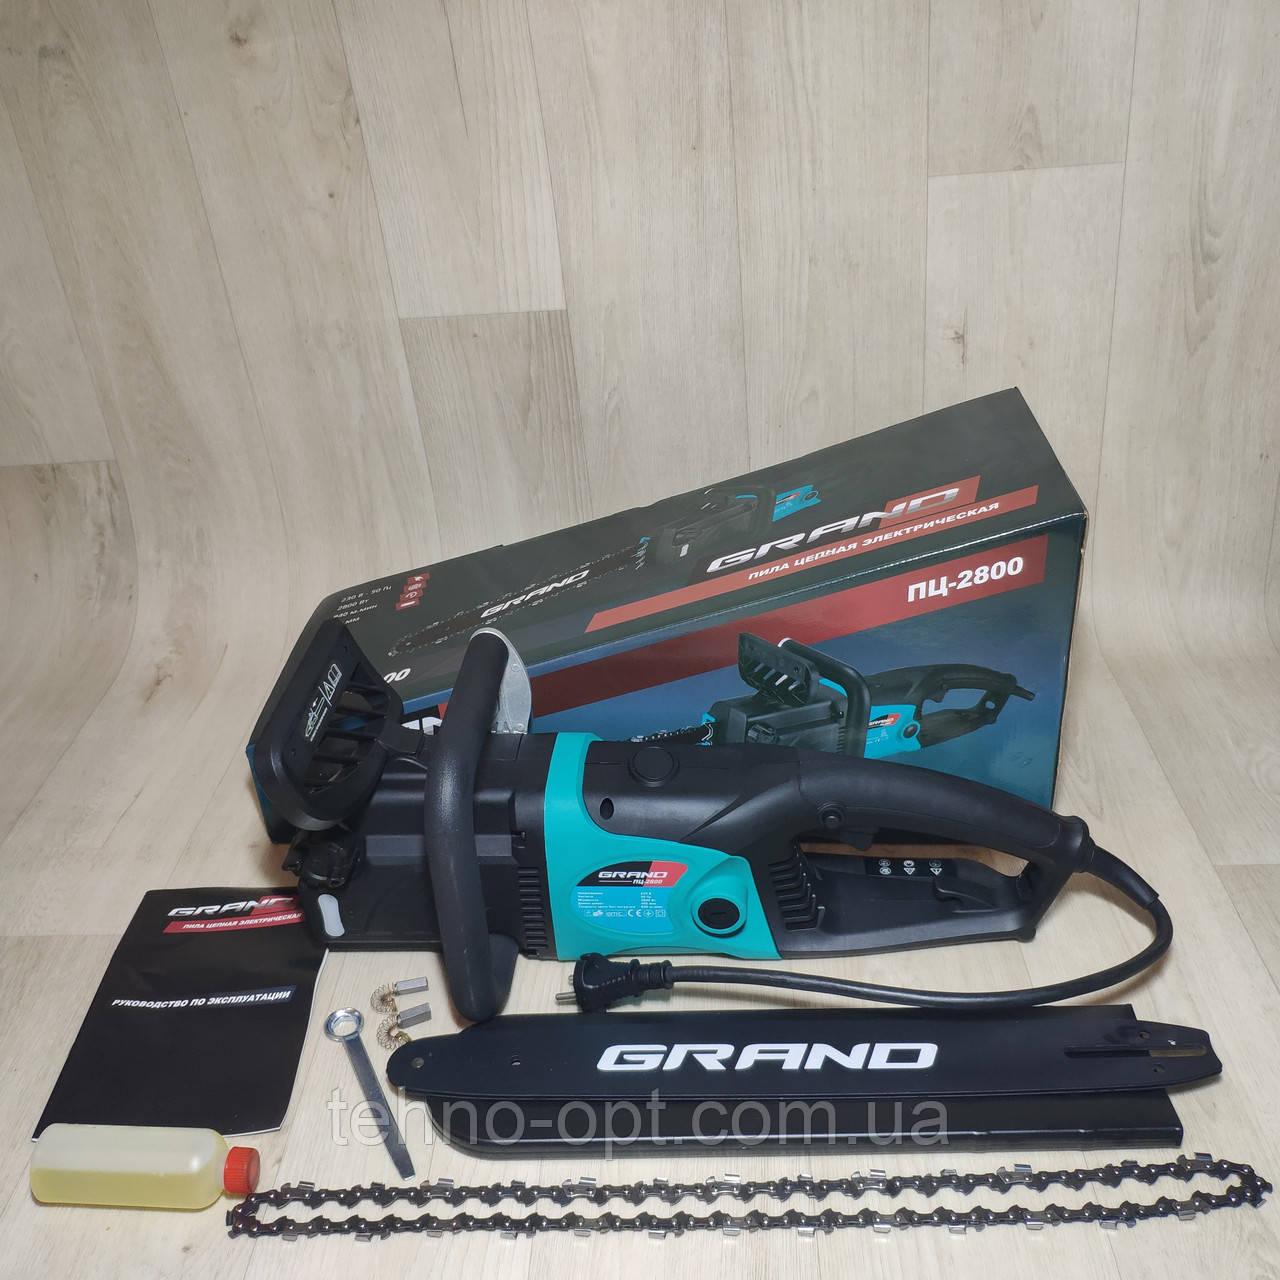 Электропила GRAND ПЦ-2800 прямой двигатель